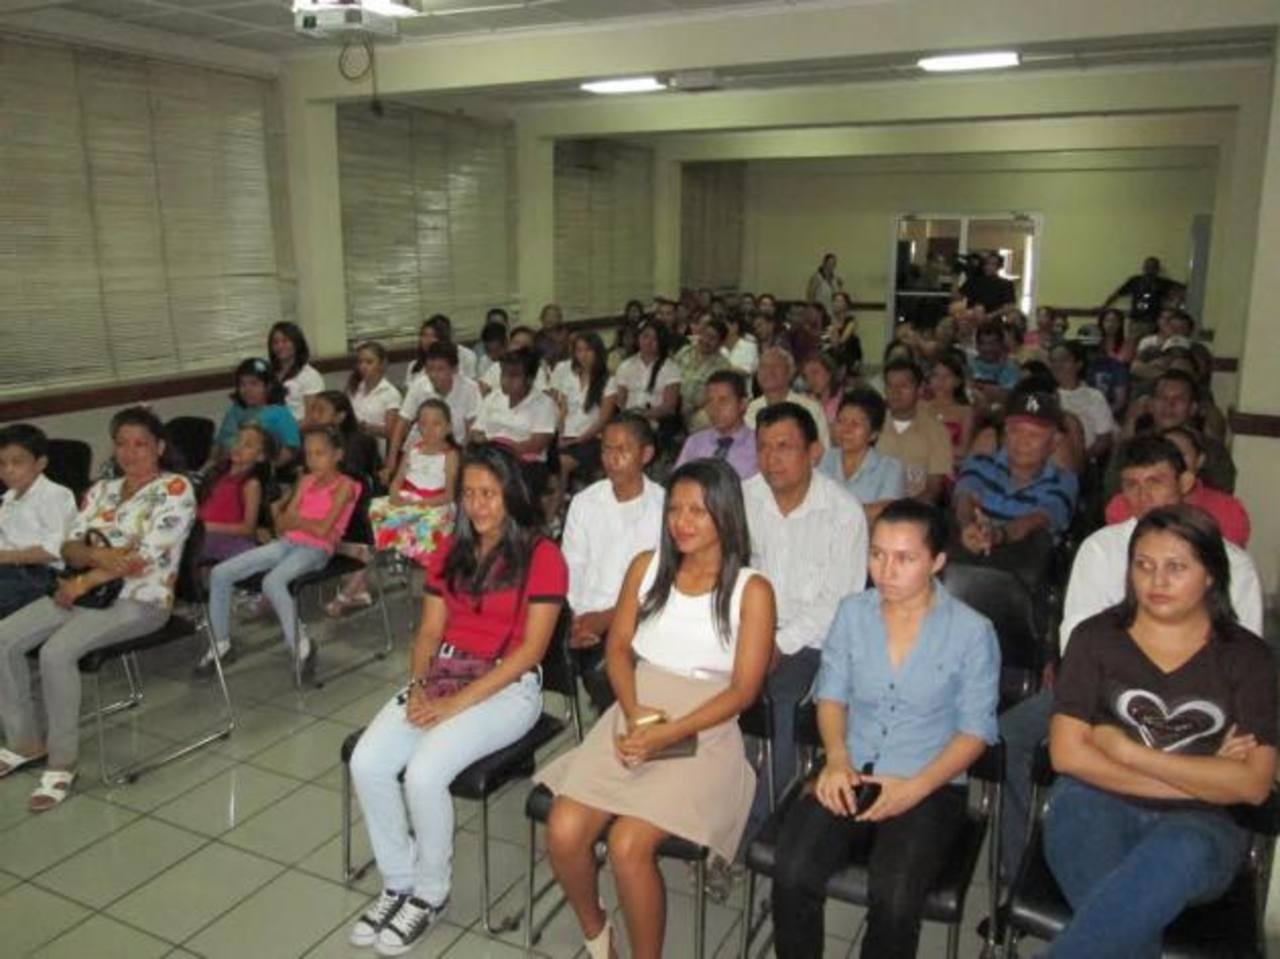 Las personas que recibieron sus diplomas fueron acompañadas al acto por familiares y amigos, quienes además de felicitarlos, se interesaron por las capacitaciones.